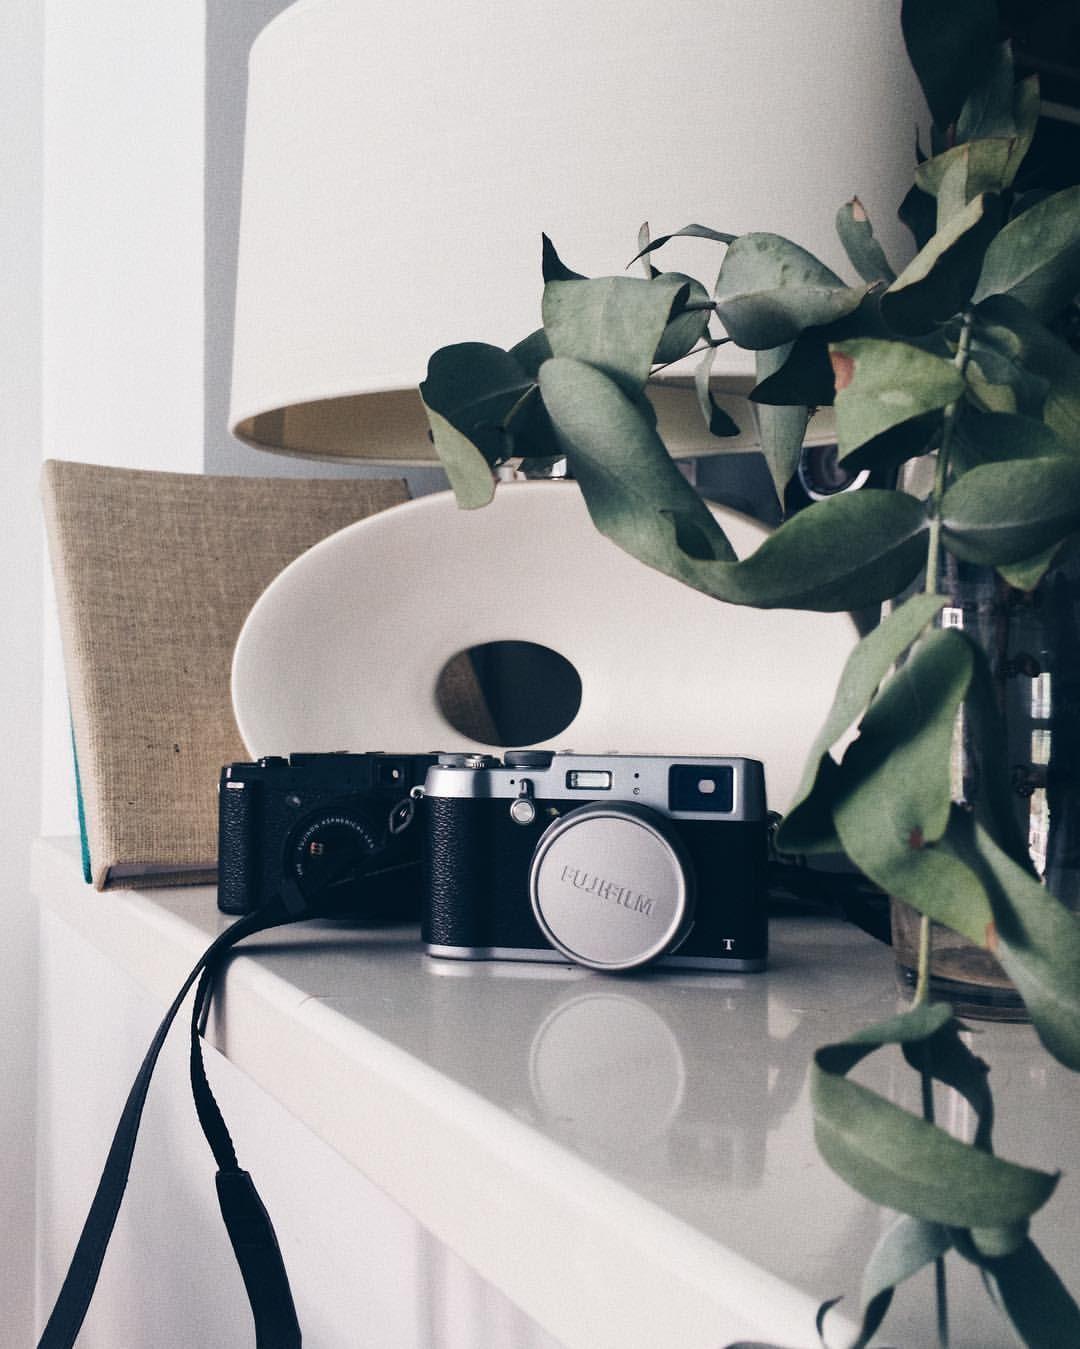 """243 Me gusta, 9 comentarios - Mariana Carletti Fotografa (@marianacarletti) en Instagram: """"Federico Norte dijo que se esperaban lluvias para la noche peeero ☁️⛅️🌧🌬 parece que el book de hoy…"""""""